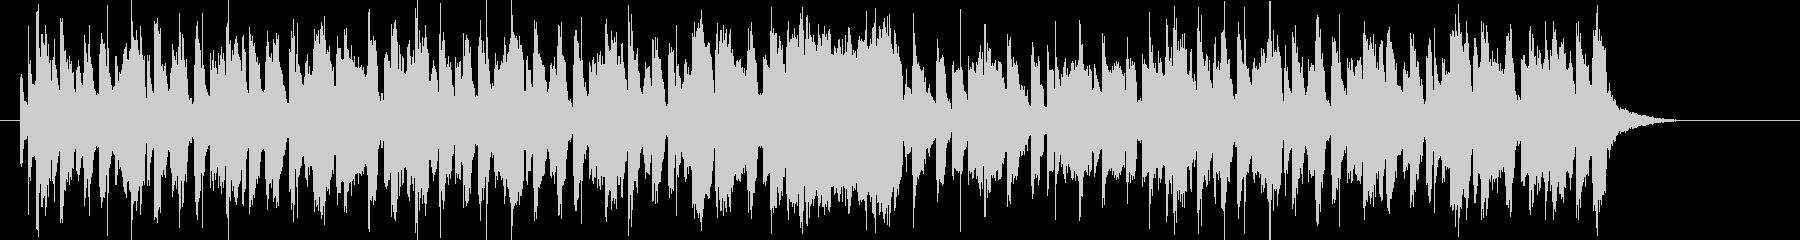 明るくエレクトーンが印象的なBGMの未再生の波形